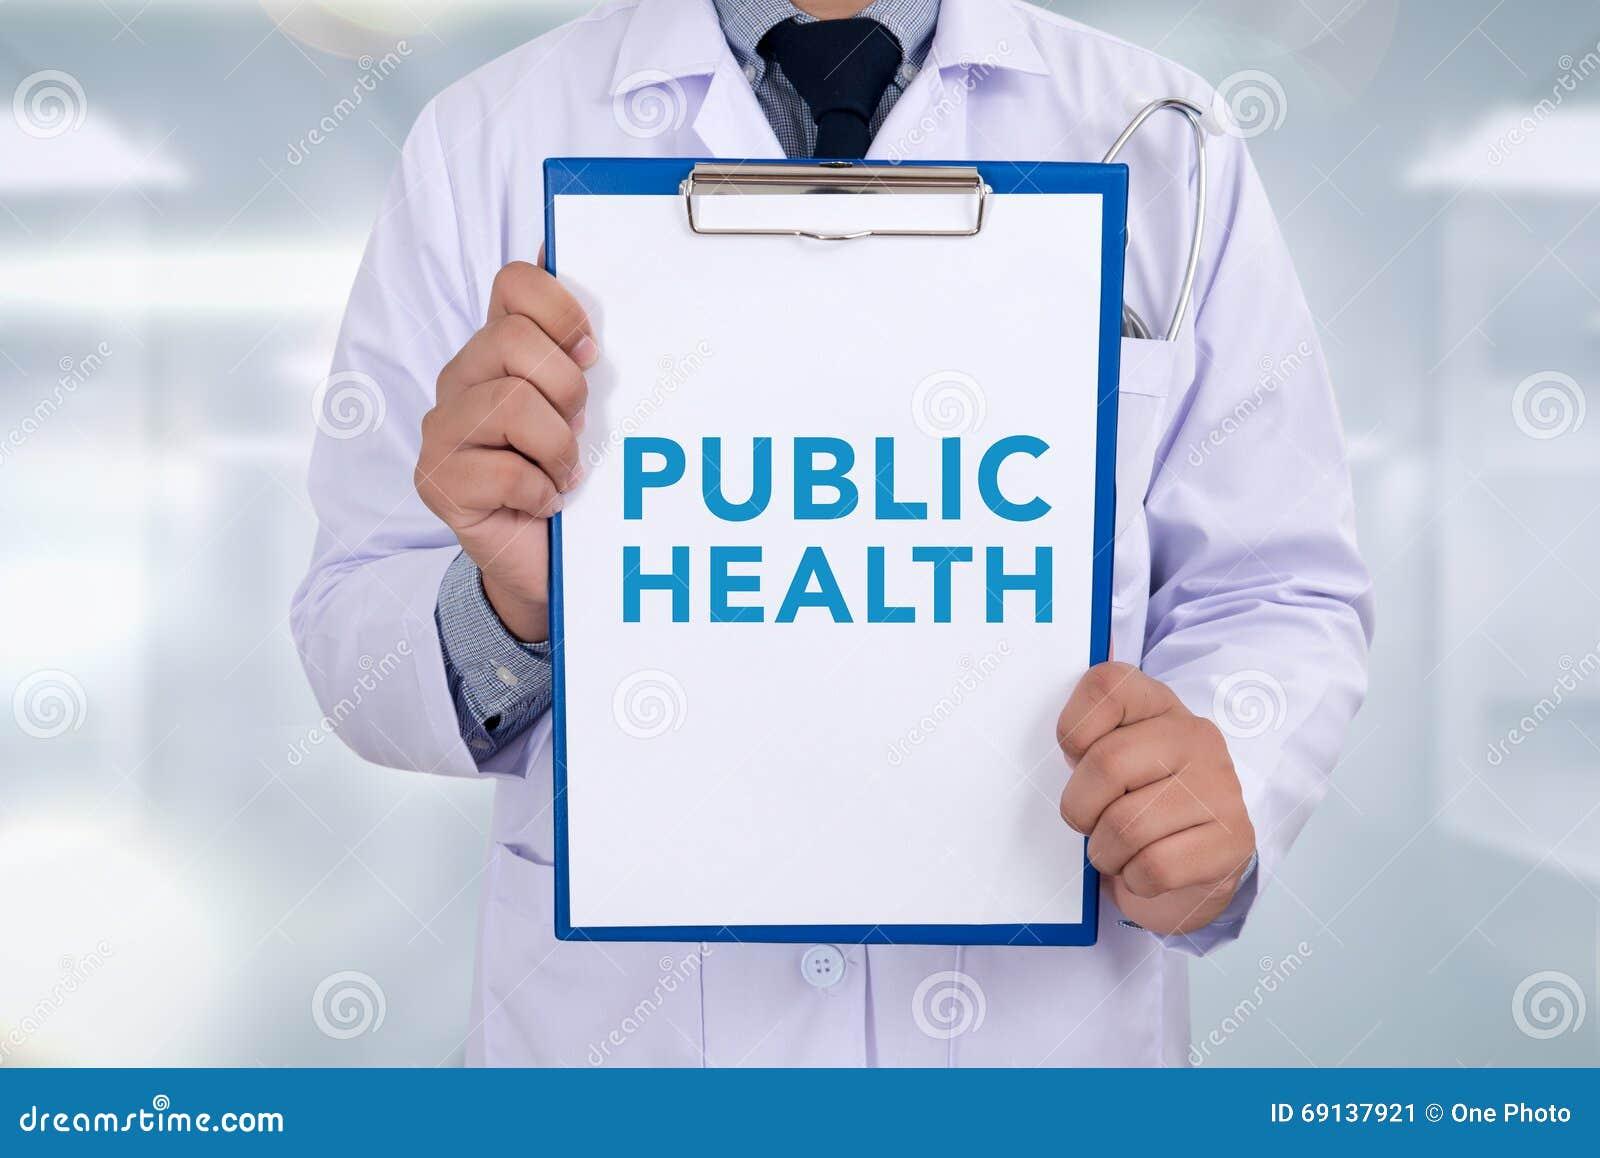 public health and hygiene pdf